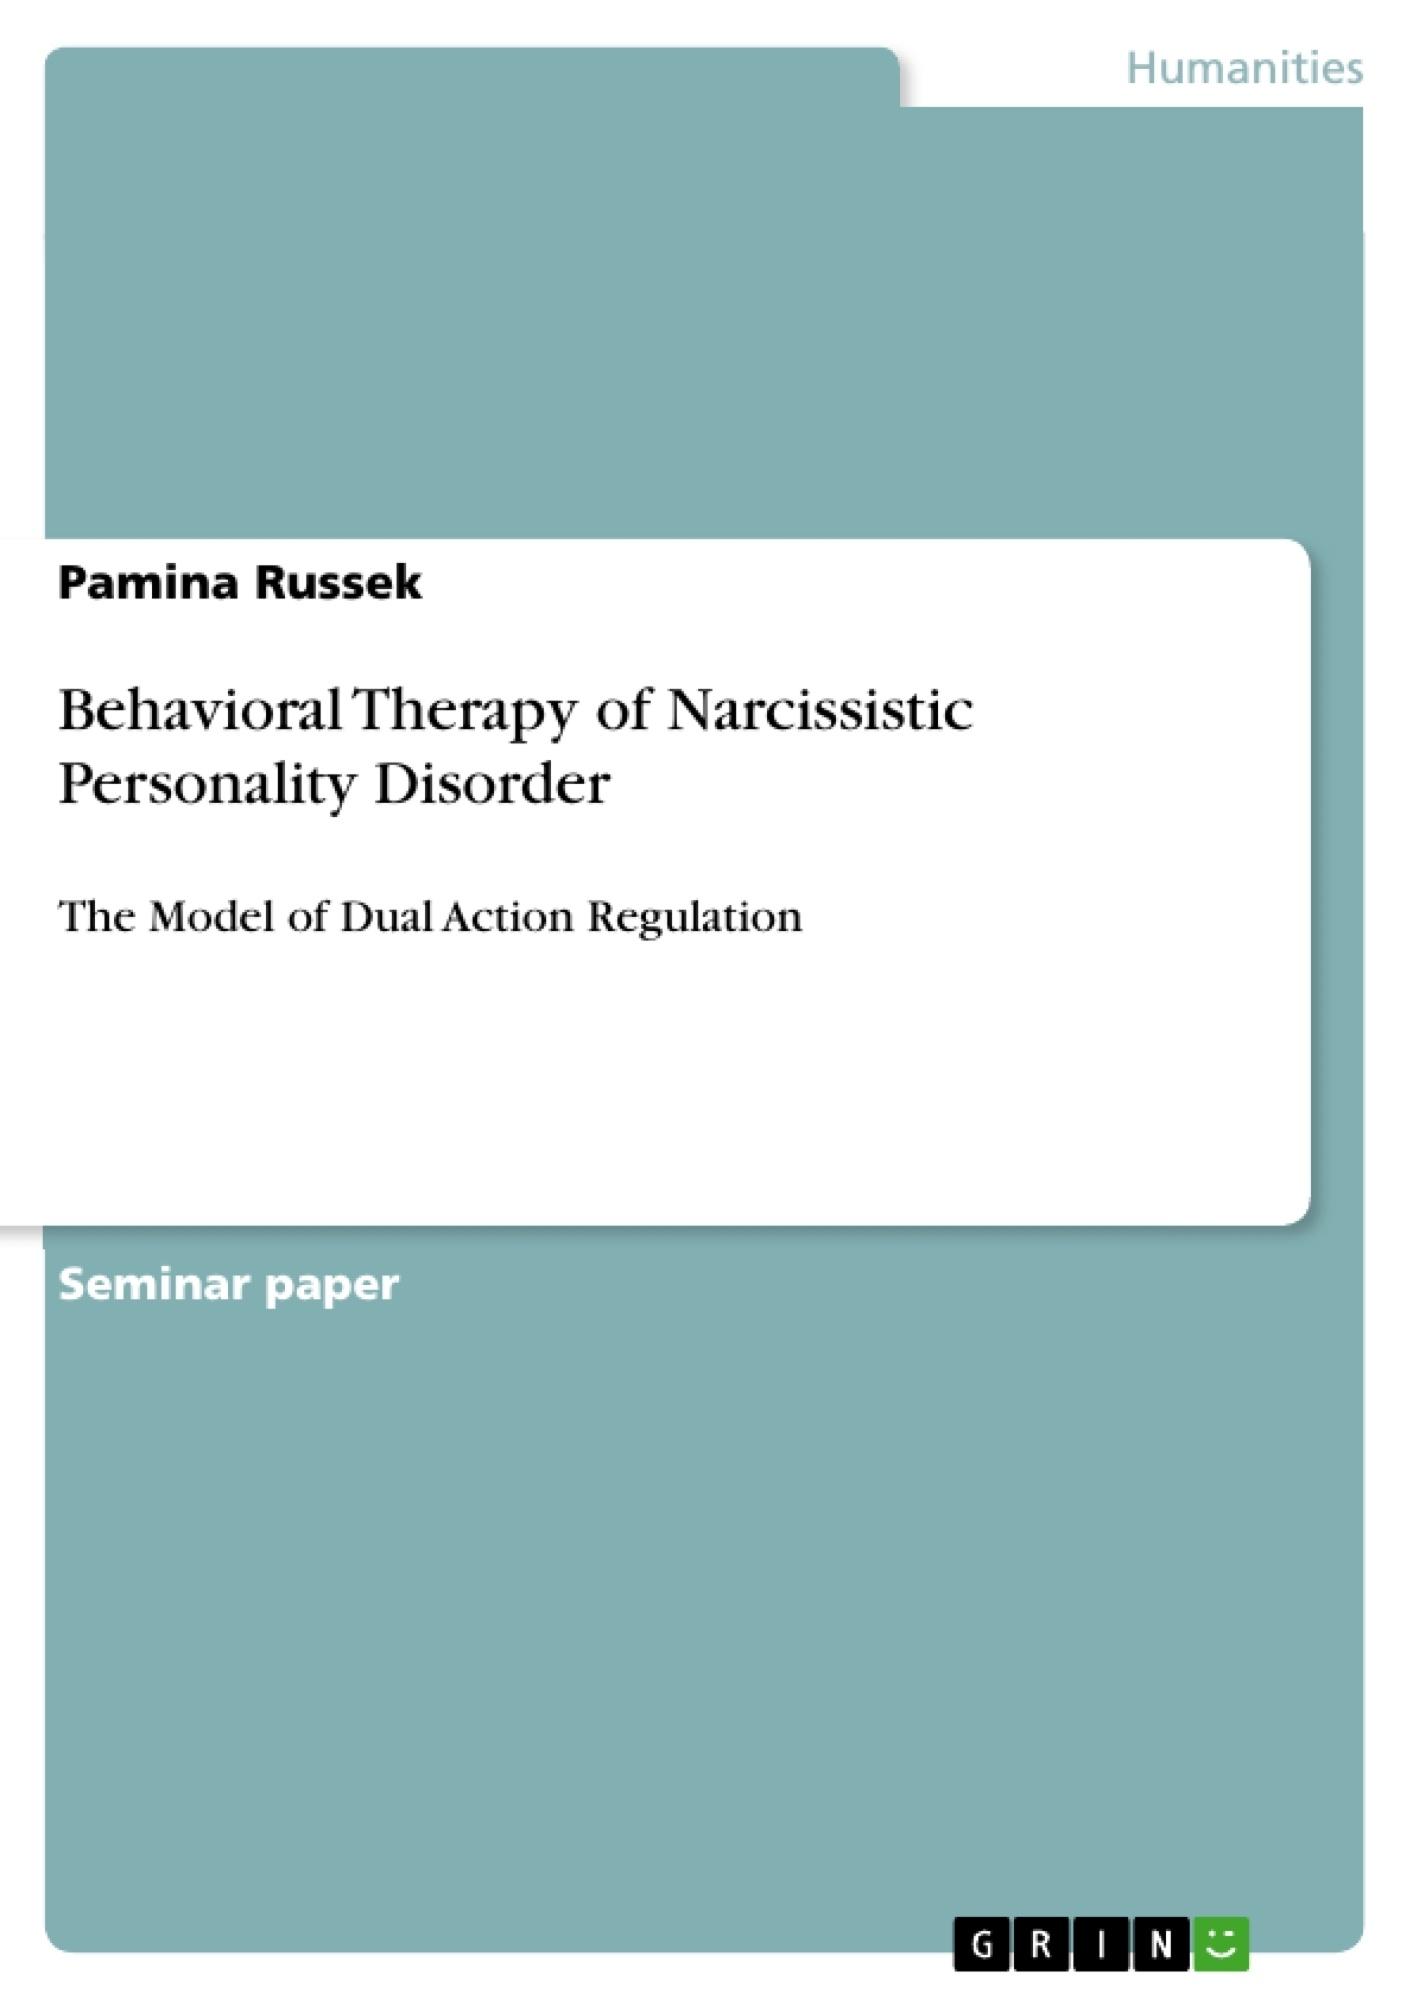 freud narcissism